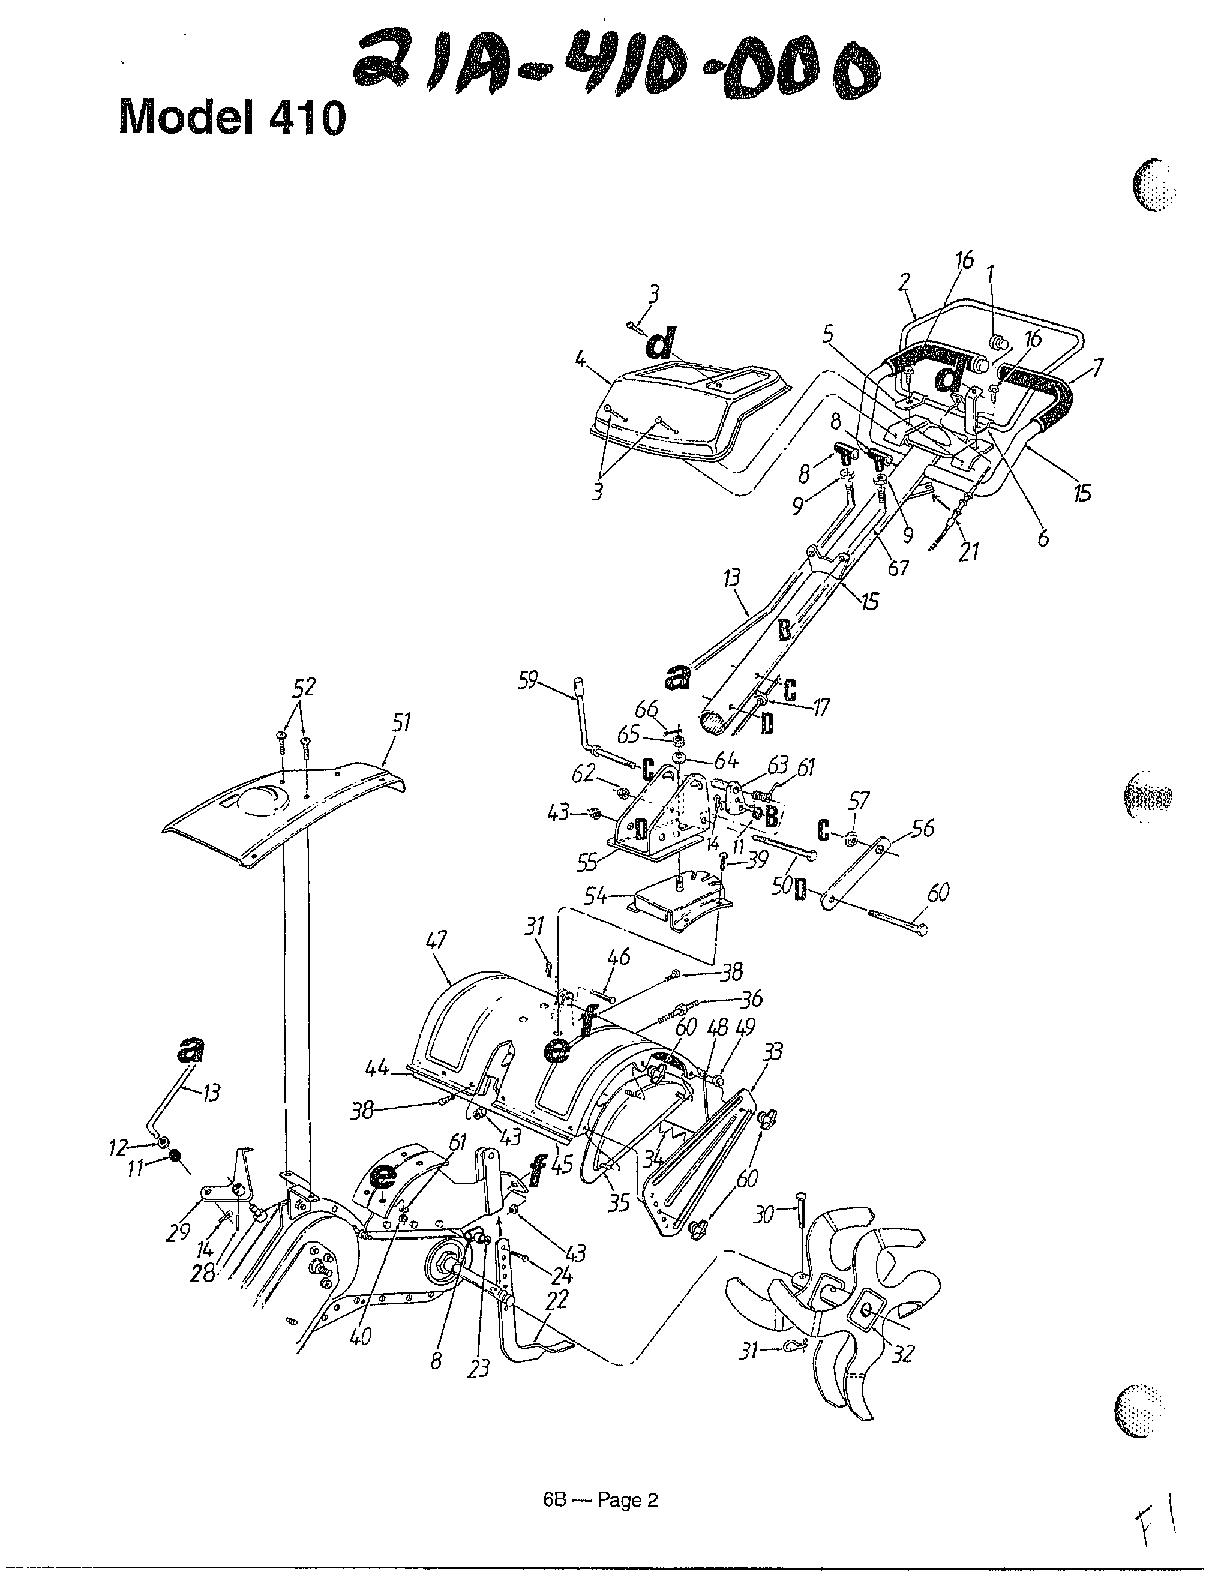 hight resolution of mtd 21a 410 000 tiller diagram